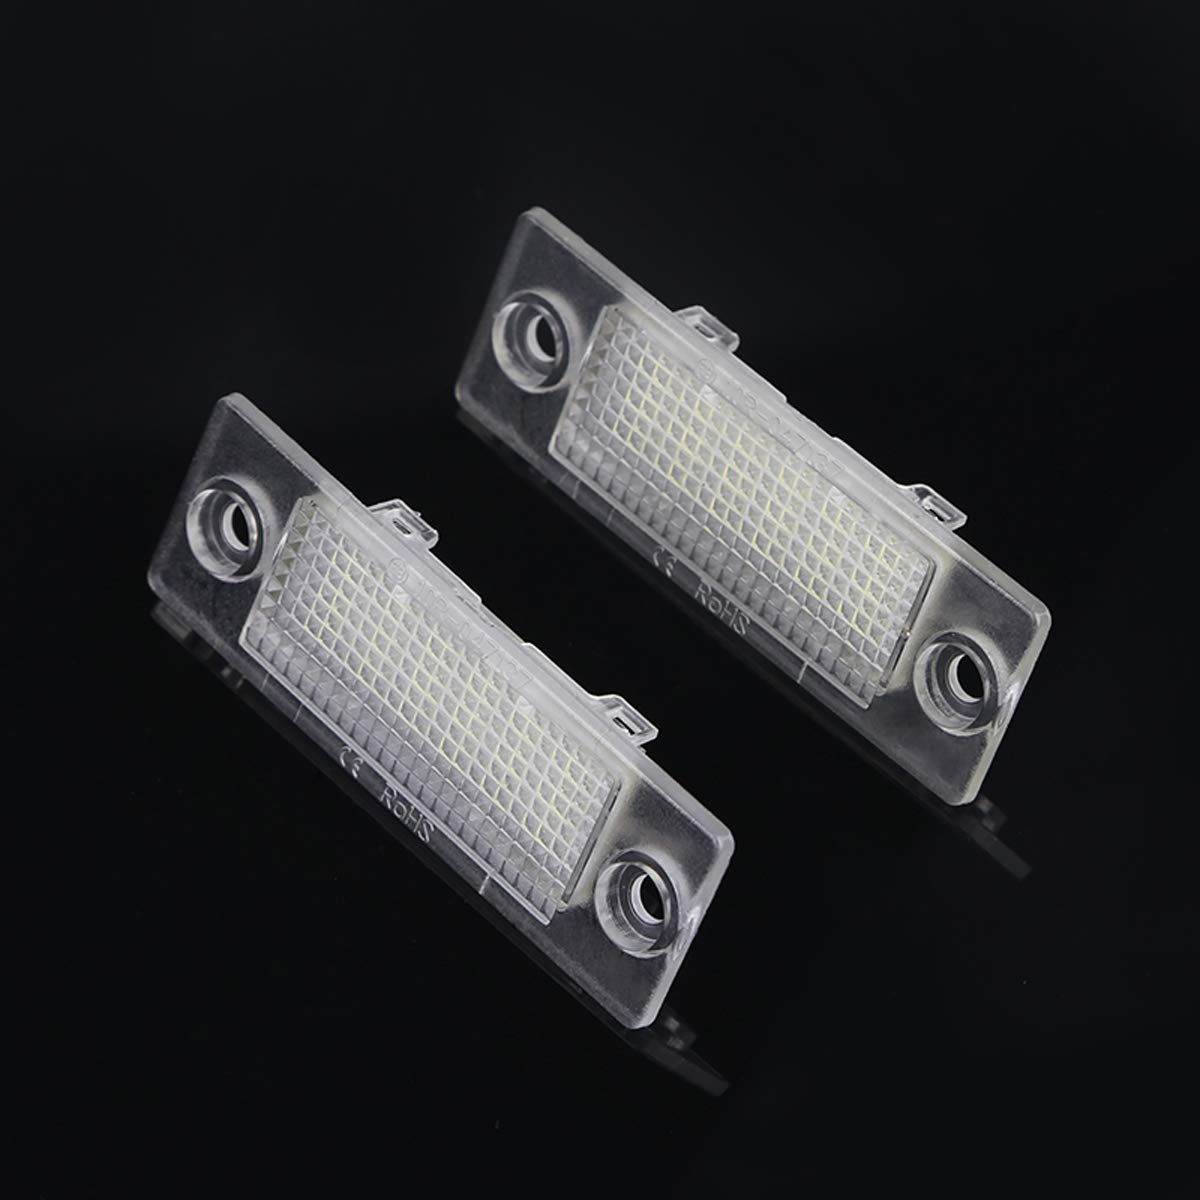 DONGMAO Luces de matr/ícula 18 LED N/úmero de matr/ícula Luces Luces de la l/ámpara para V//W T//ransporter T5 C//addy T//Ouran G//olf P//assat